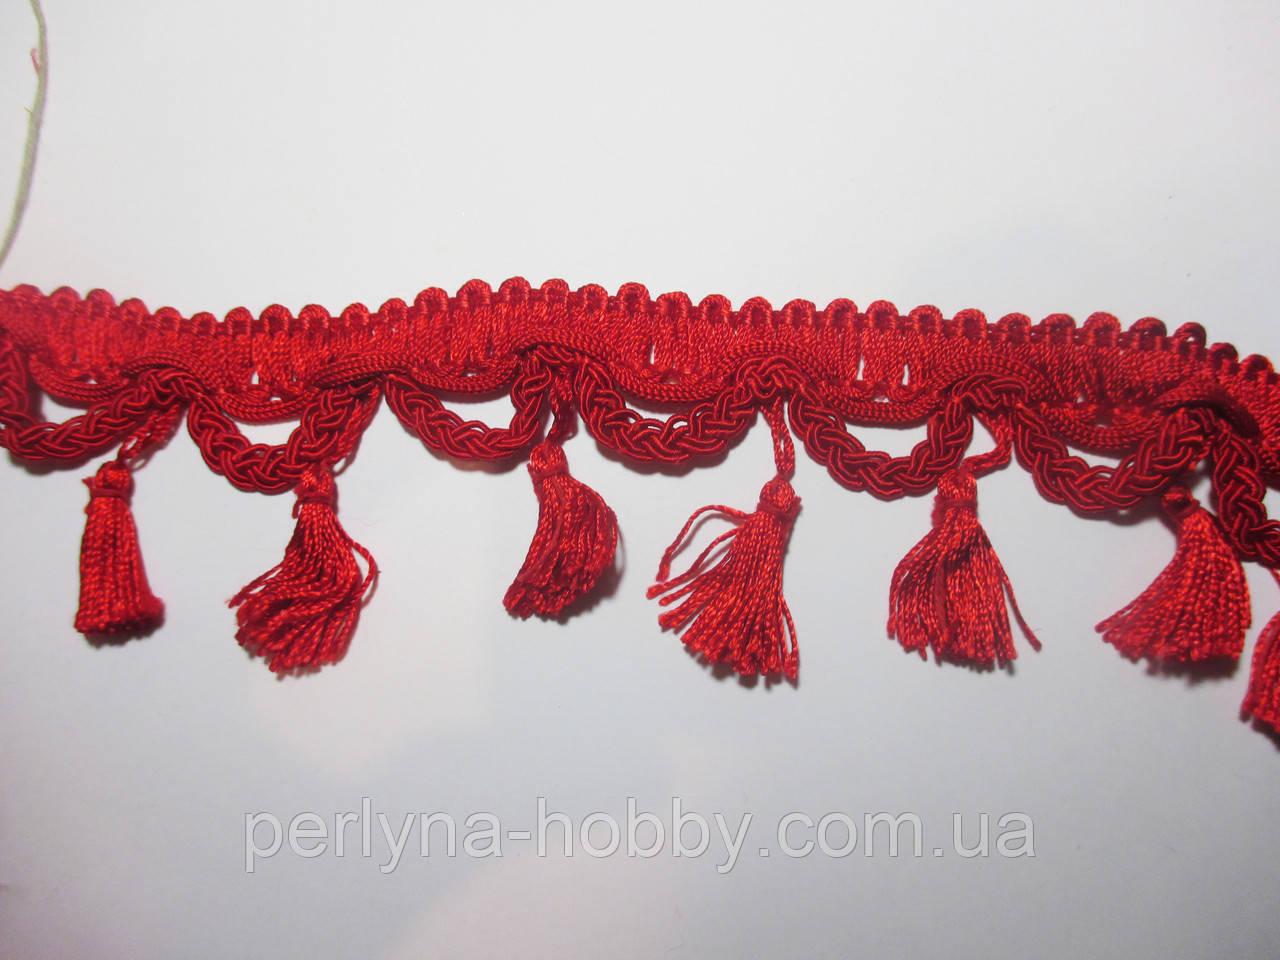 Бахрома шторна з китицями 6 див., червона